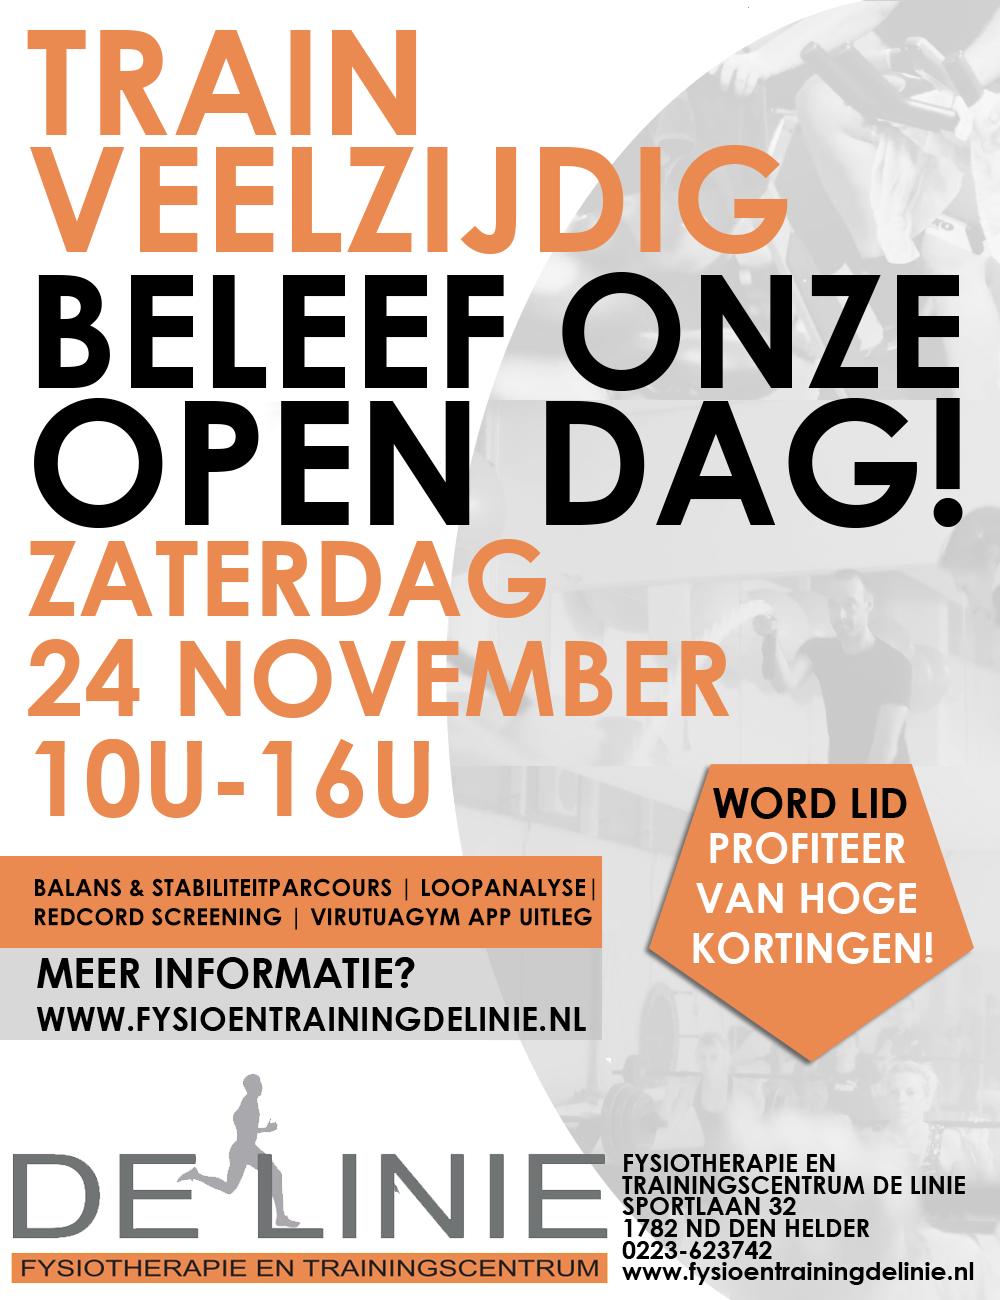 Kom naar onze Open Dag!